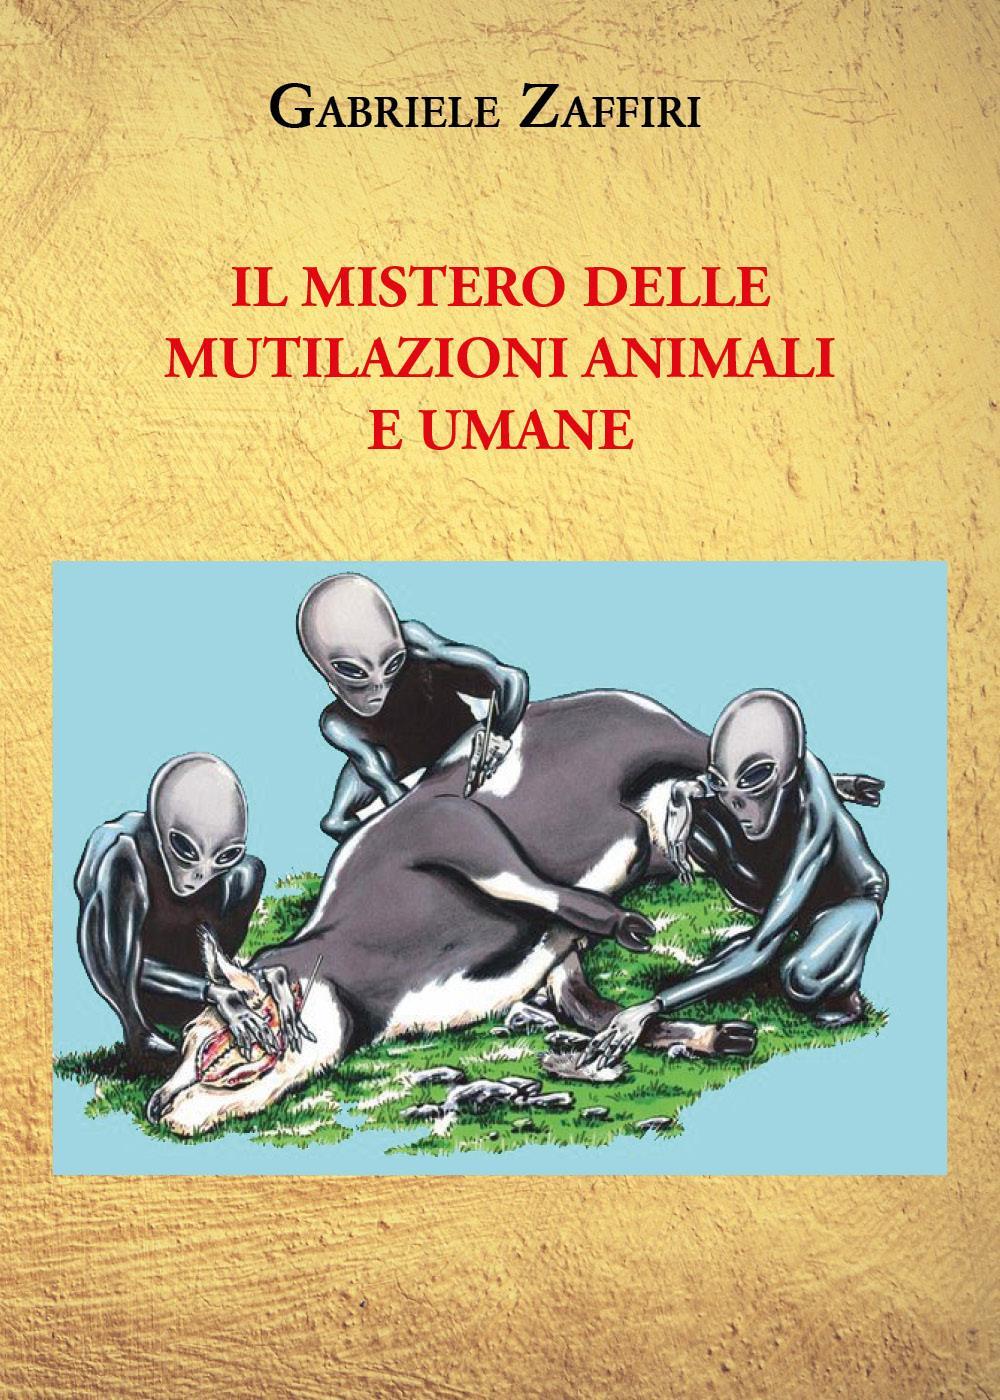 Il mistero delle mutilazioni animali e umane